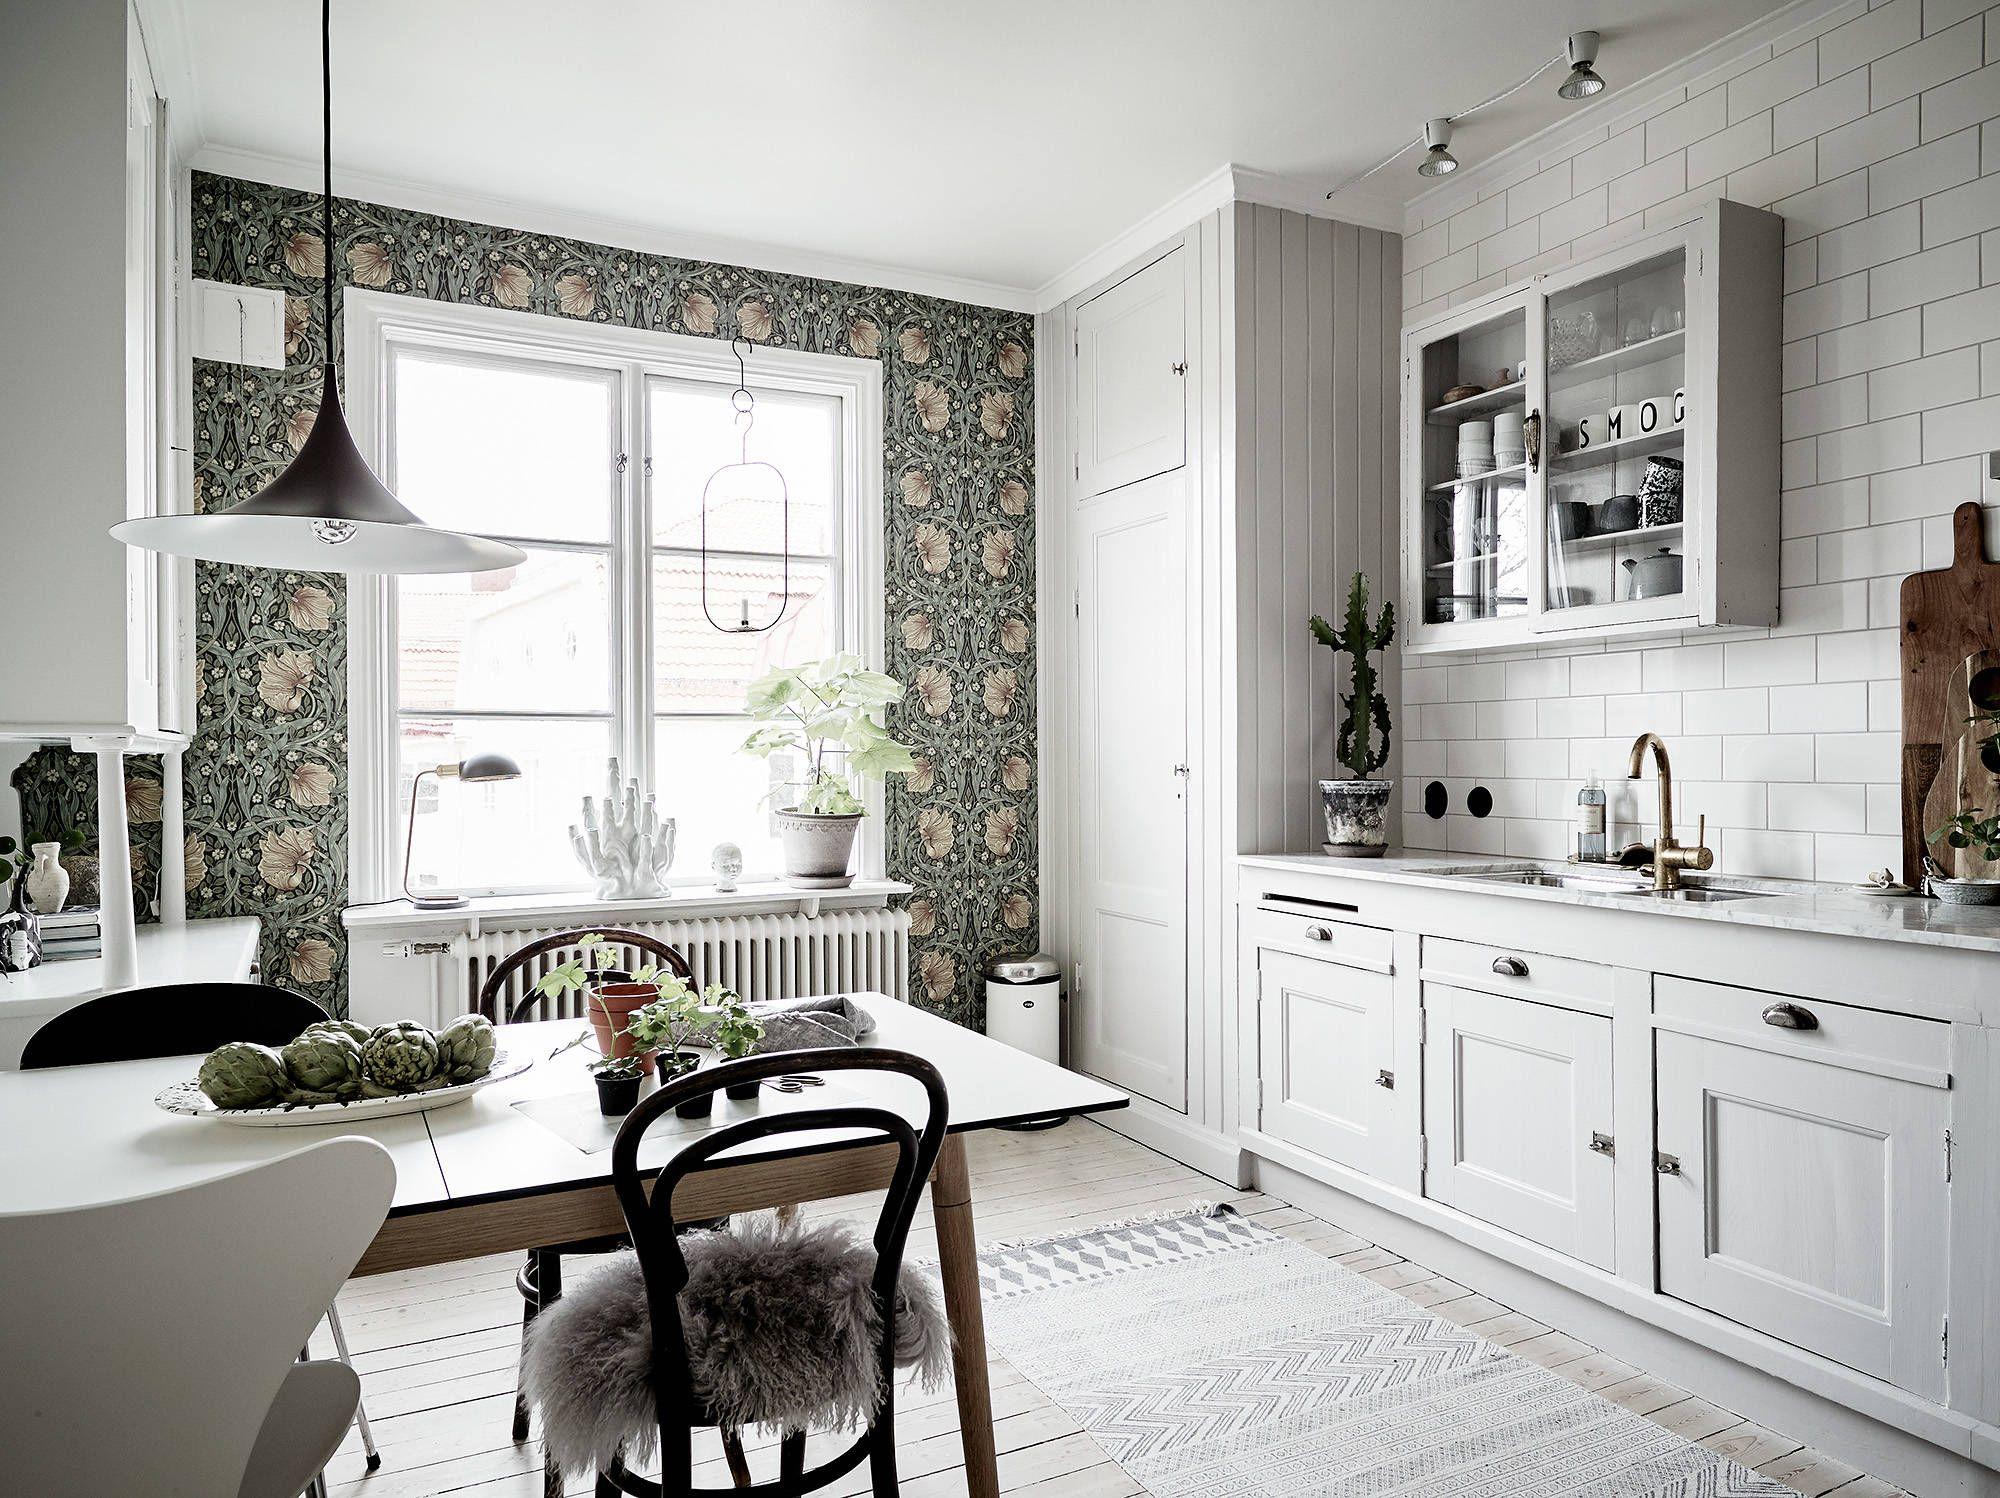 Bildresultat för swedish house interior   Kök   Pinterest ...